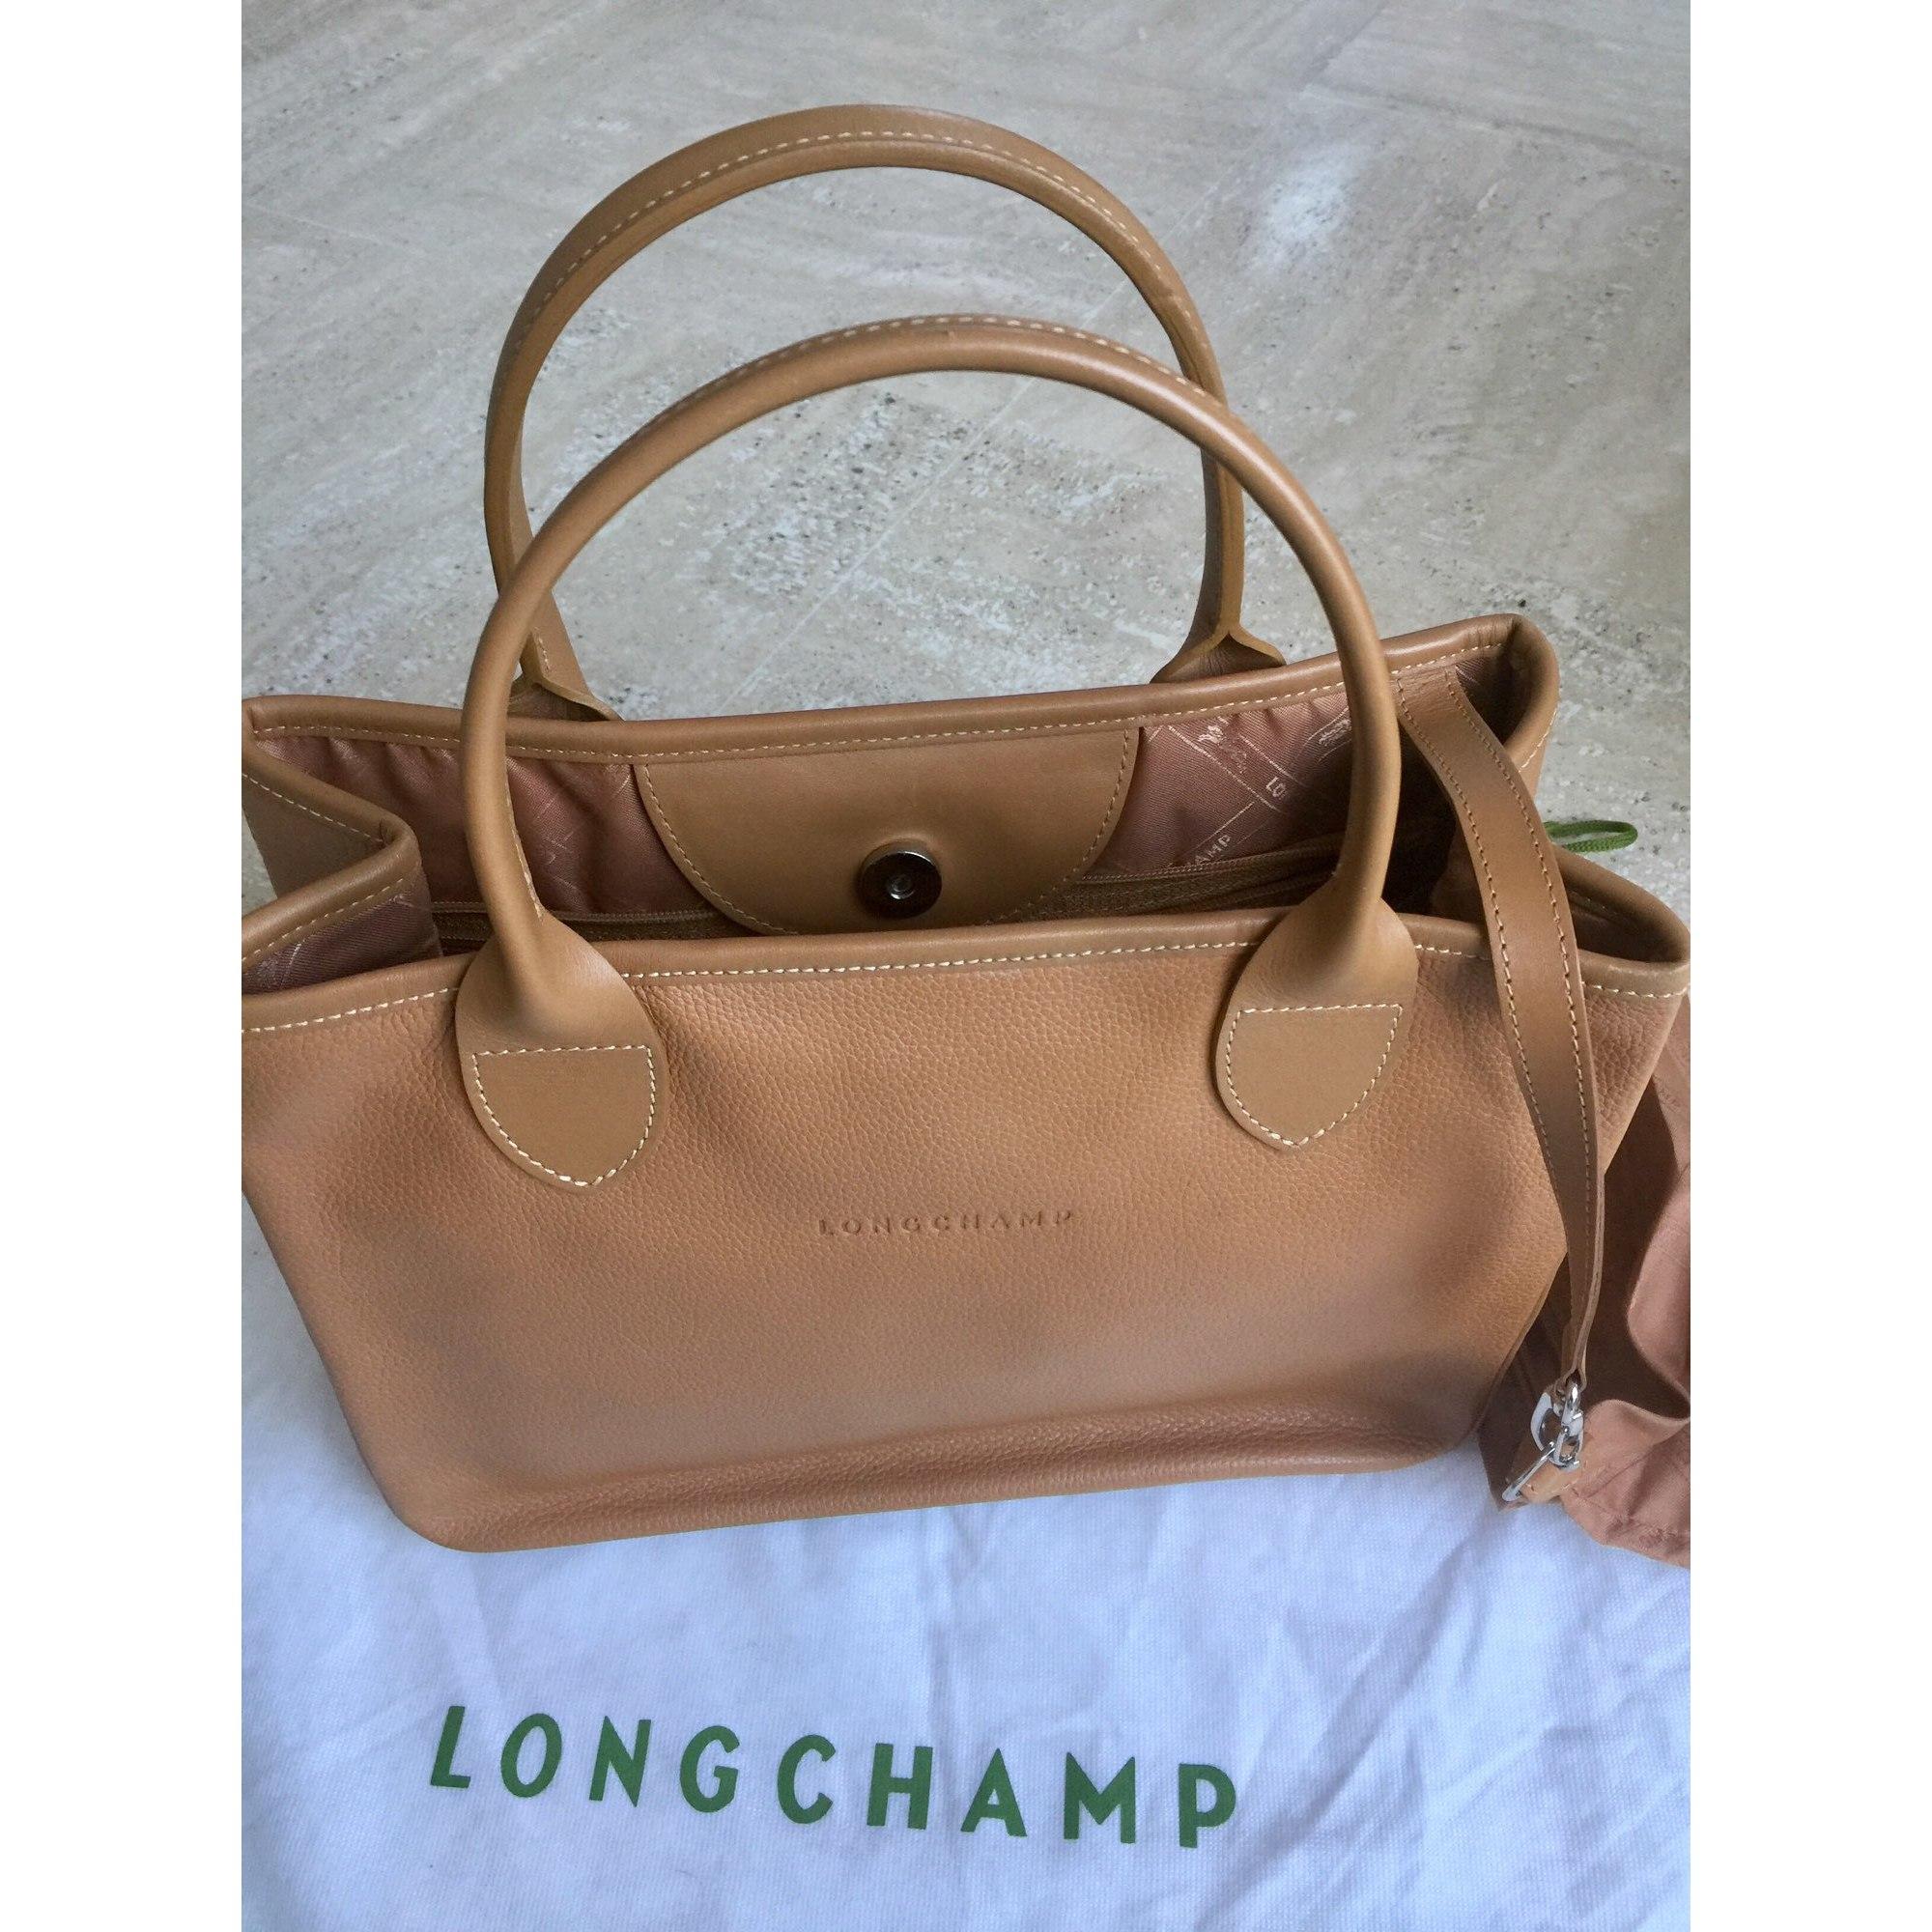 eb2dc03566c8c Sac à main en cuir LONGCHAMP beige vendu par Lydie 1034 - 7570538